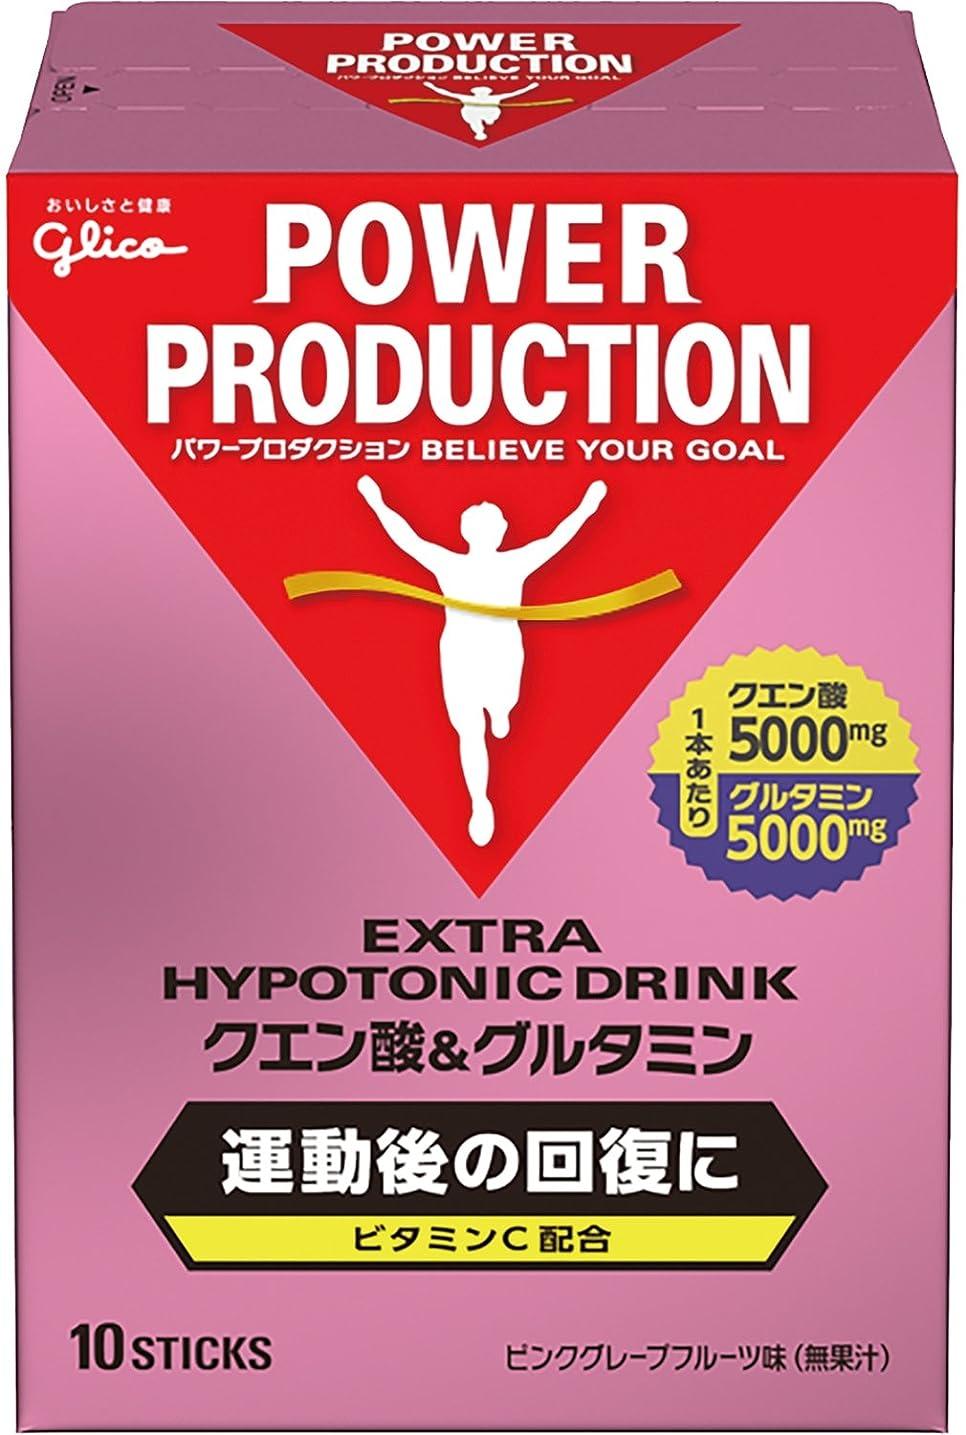 講師中級壊れたグリコ パワープロダクション エキストラ ハイポトニックドリンク クエン酸&グルタミン ピンクグレープフルーツ味 1袋 (12.4g) 10本